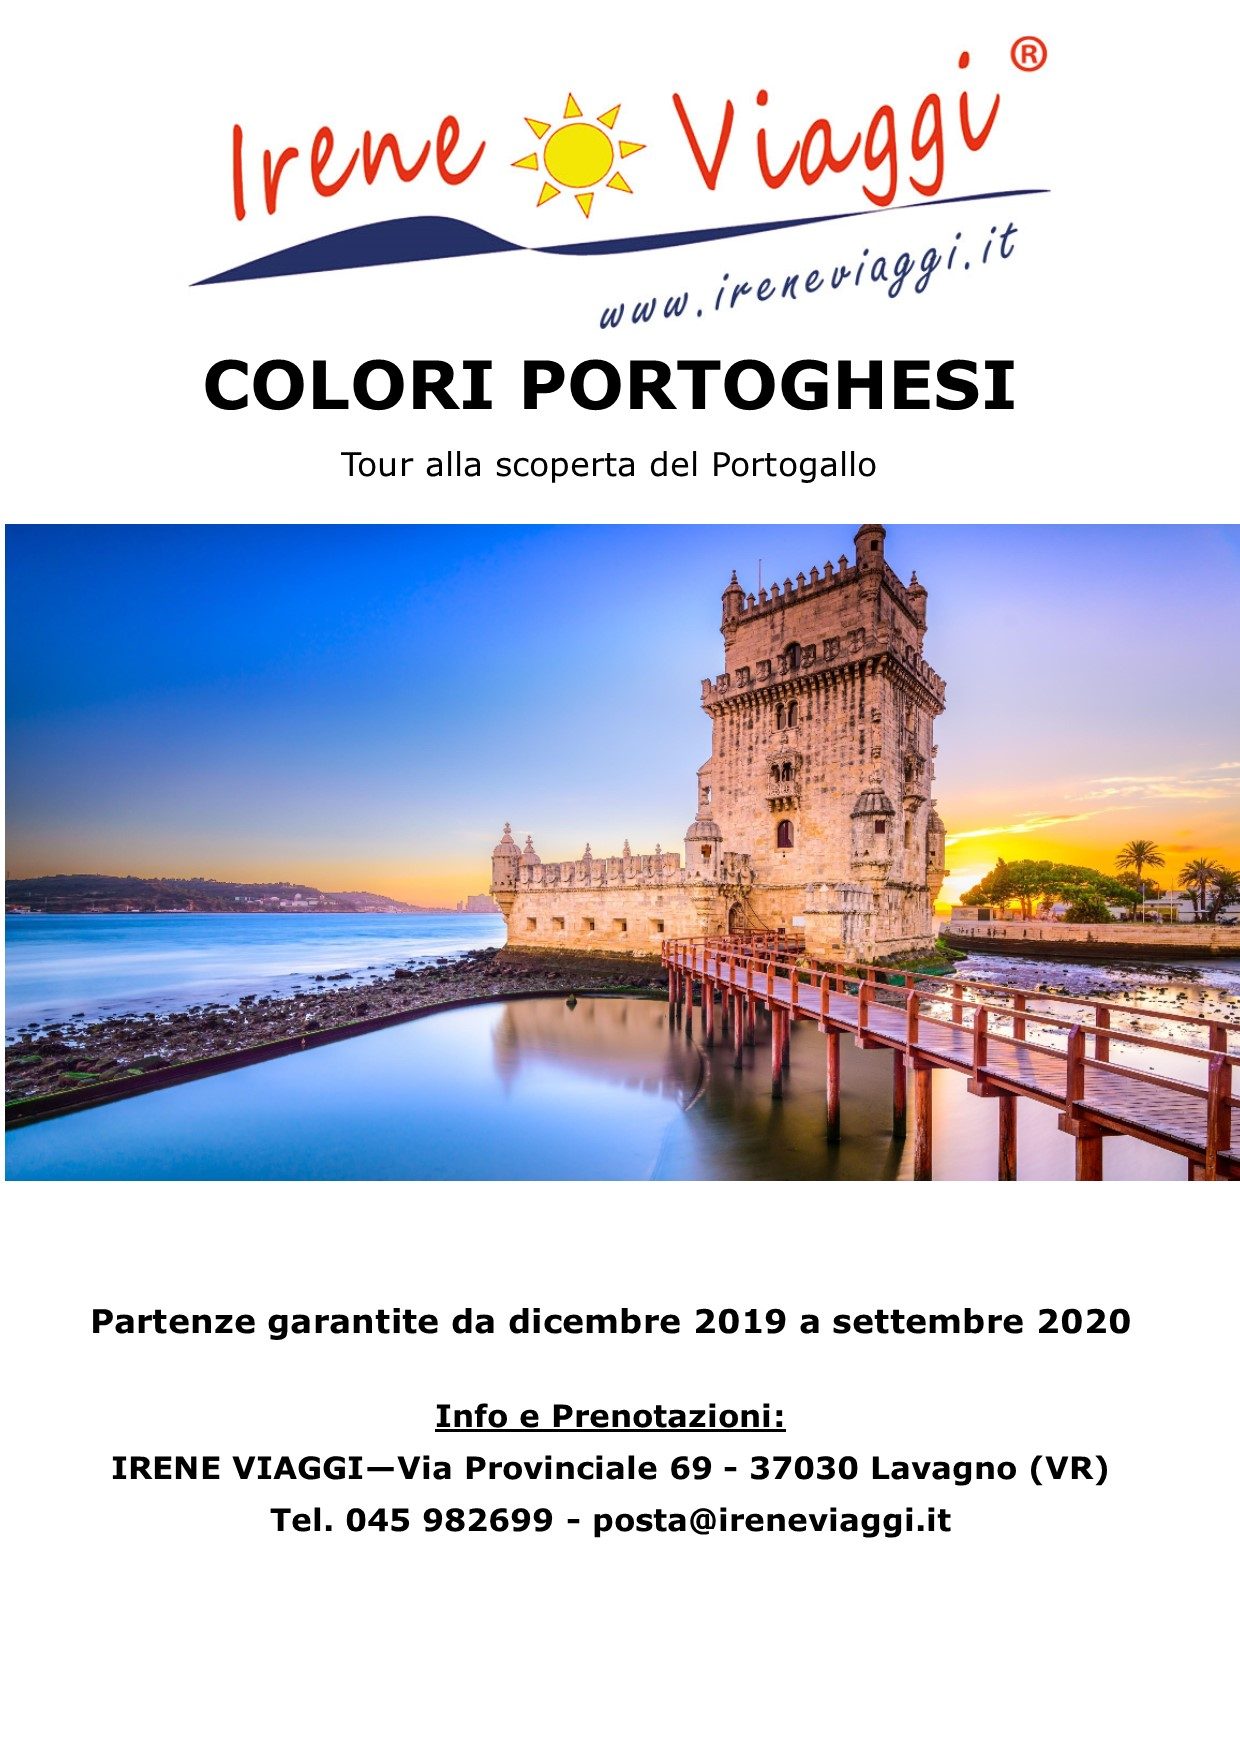 Colori portoghesi